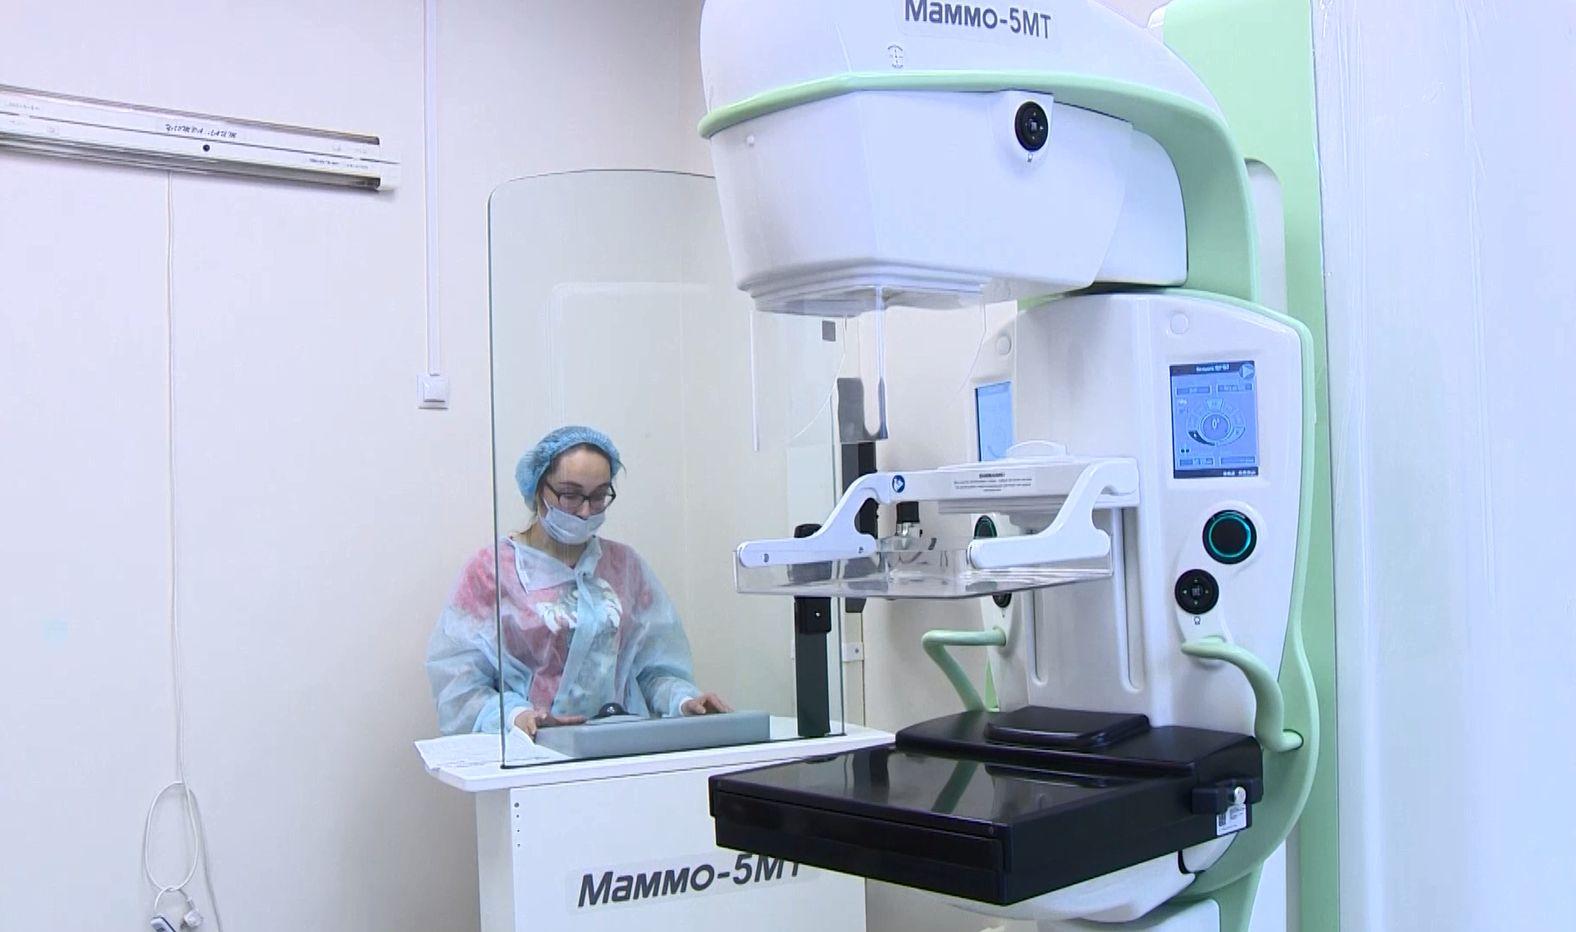 23 сентября отмечается день борьбы с онкозаболеваниями молочной железы - Ярославская область находится на 4 месте в ЦФО по заболеваемости